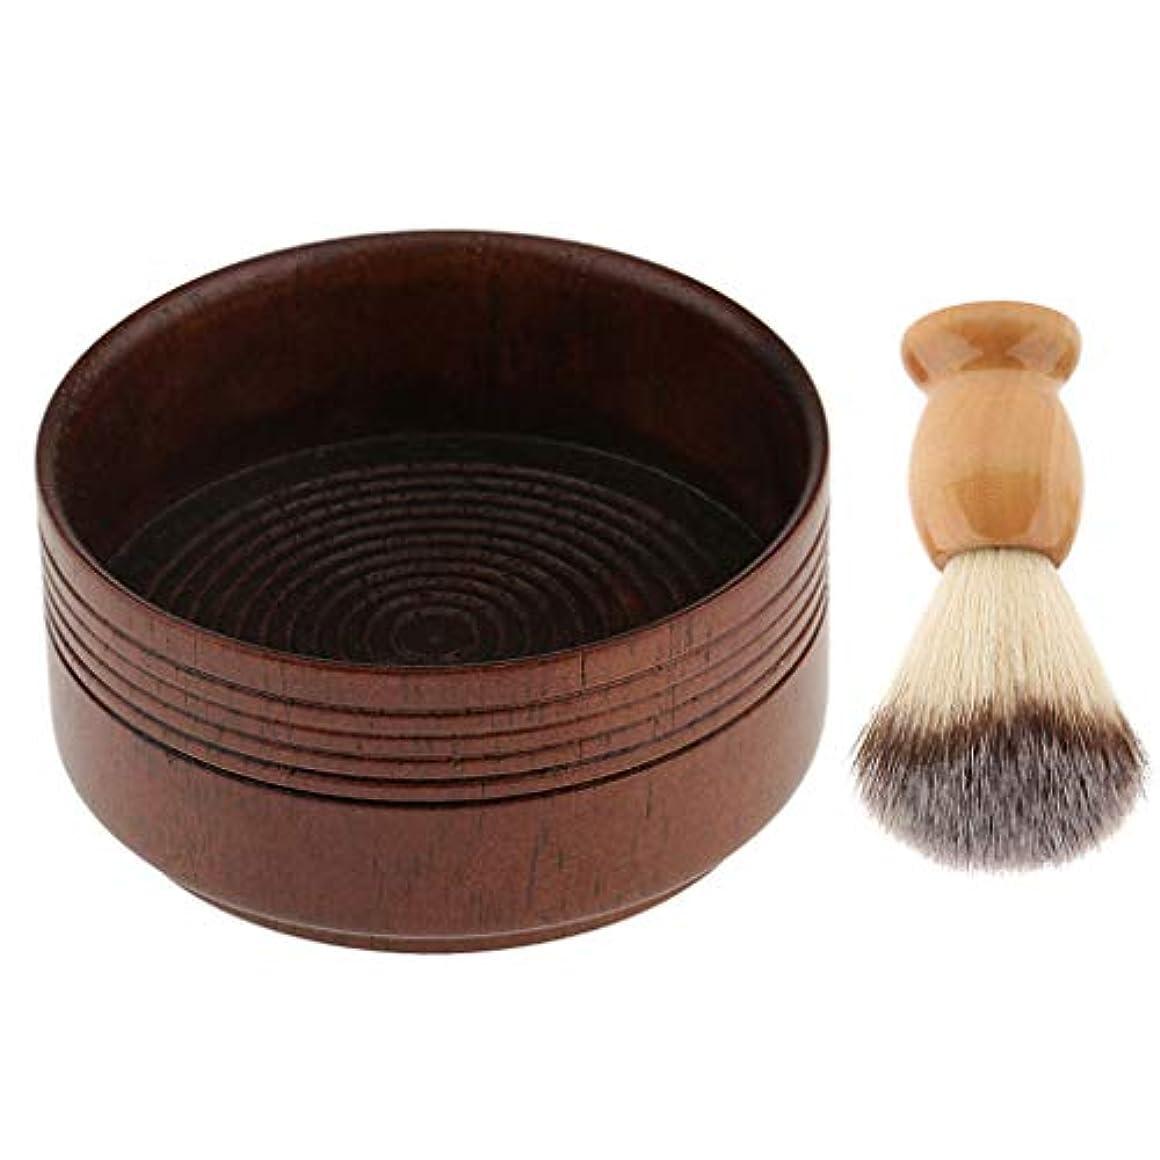 しかしながらテレマコスしかしながらdailymall 木製ハンドルシェービングブラシ+男性用理容室用木製マグカップボウルセット